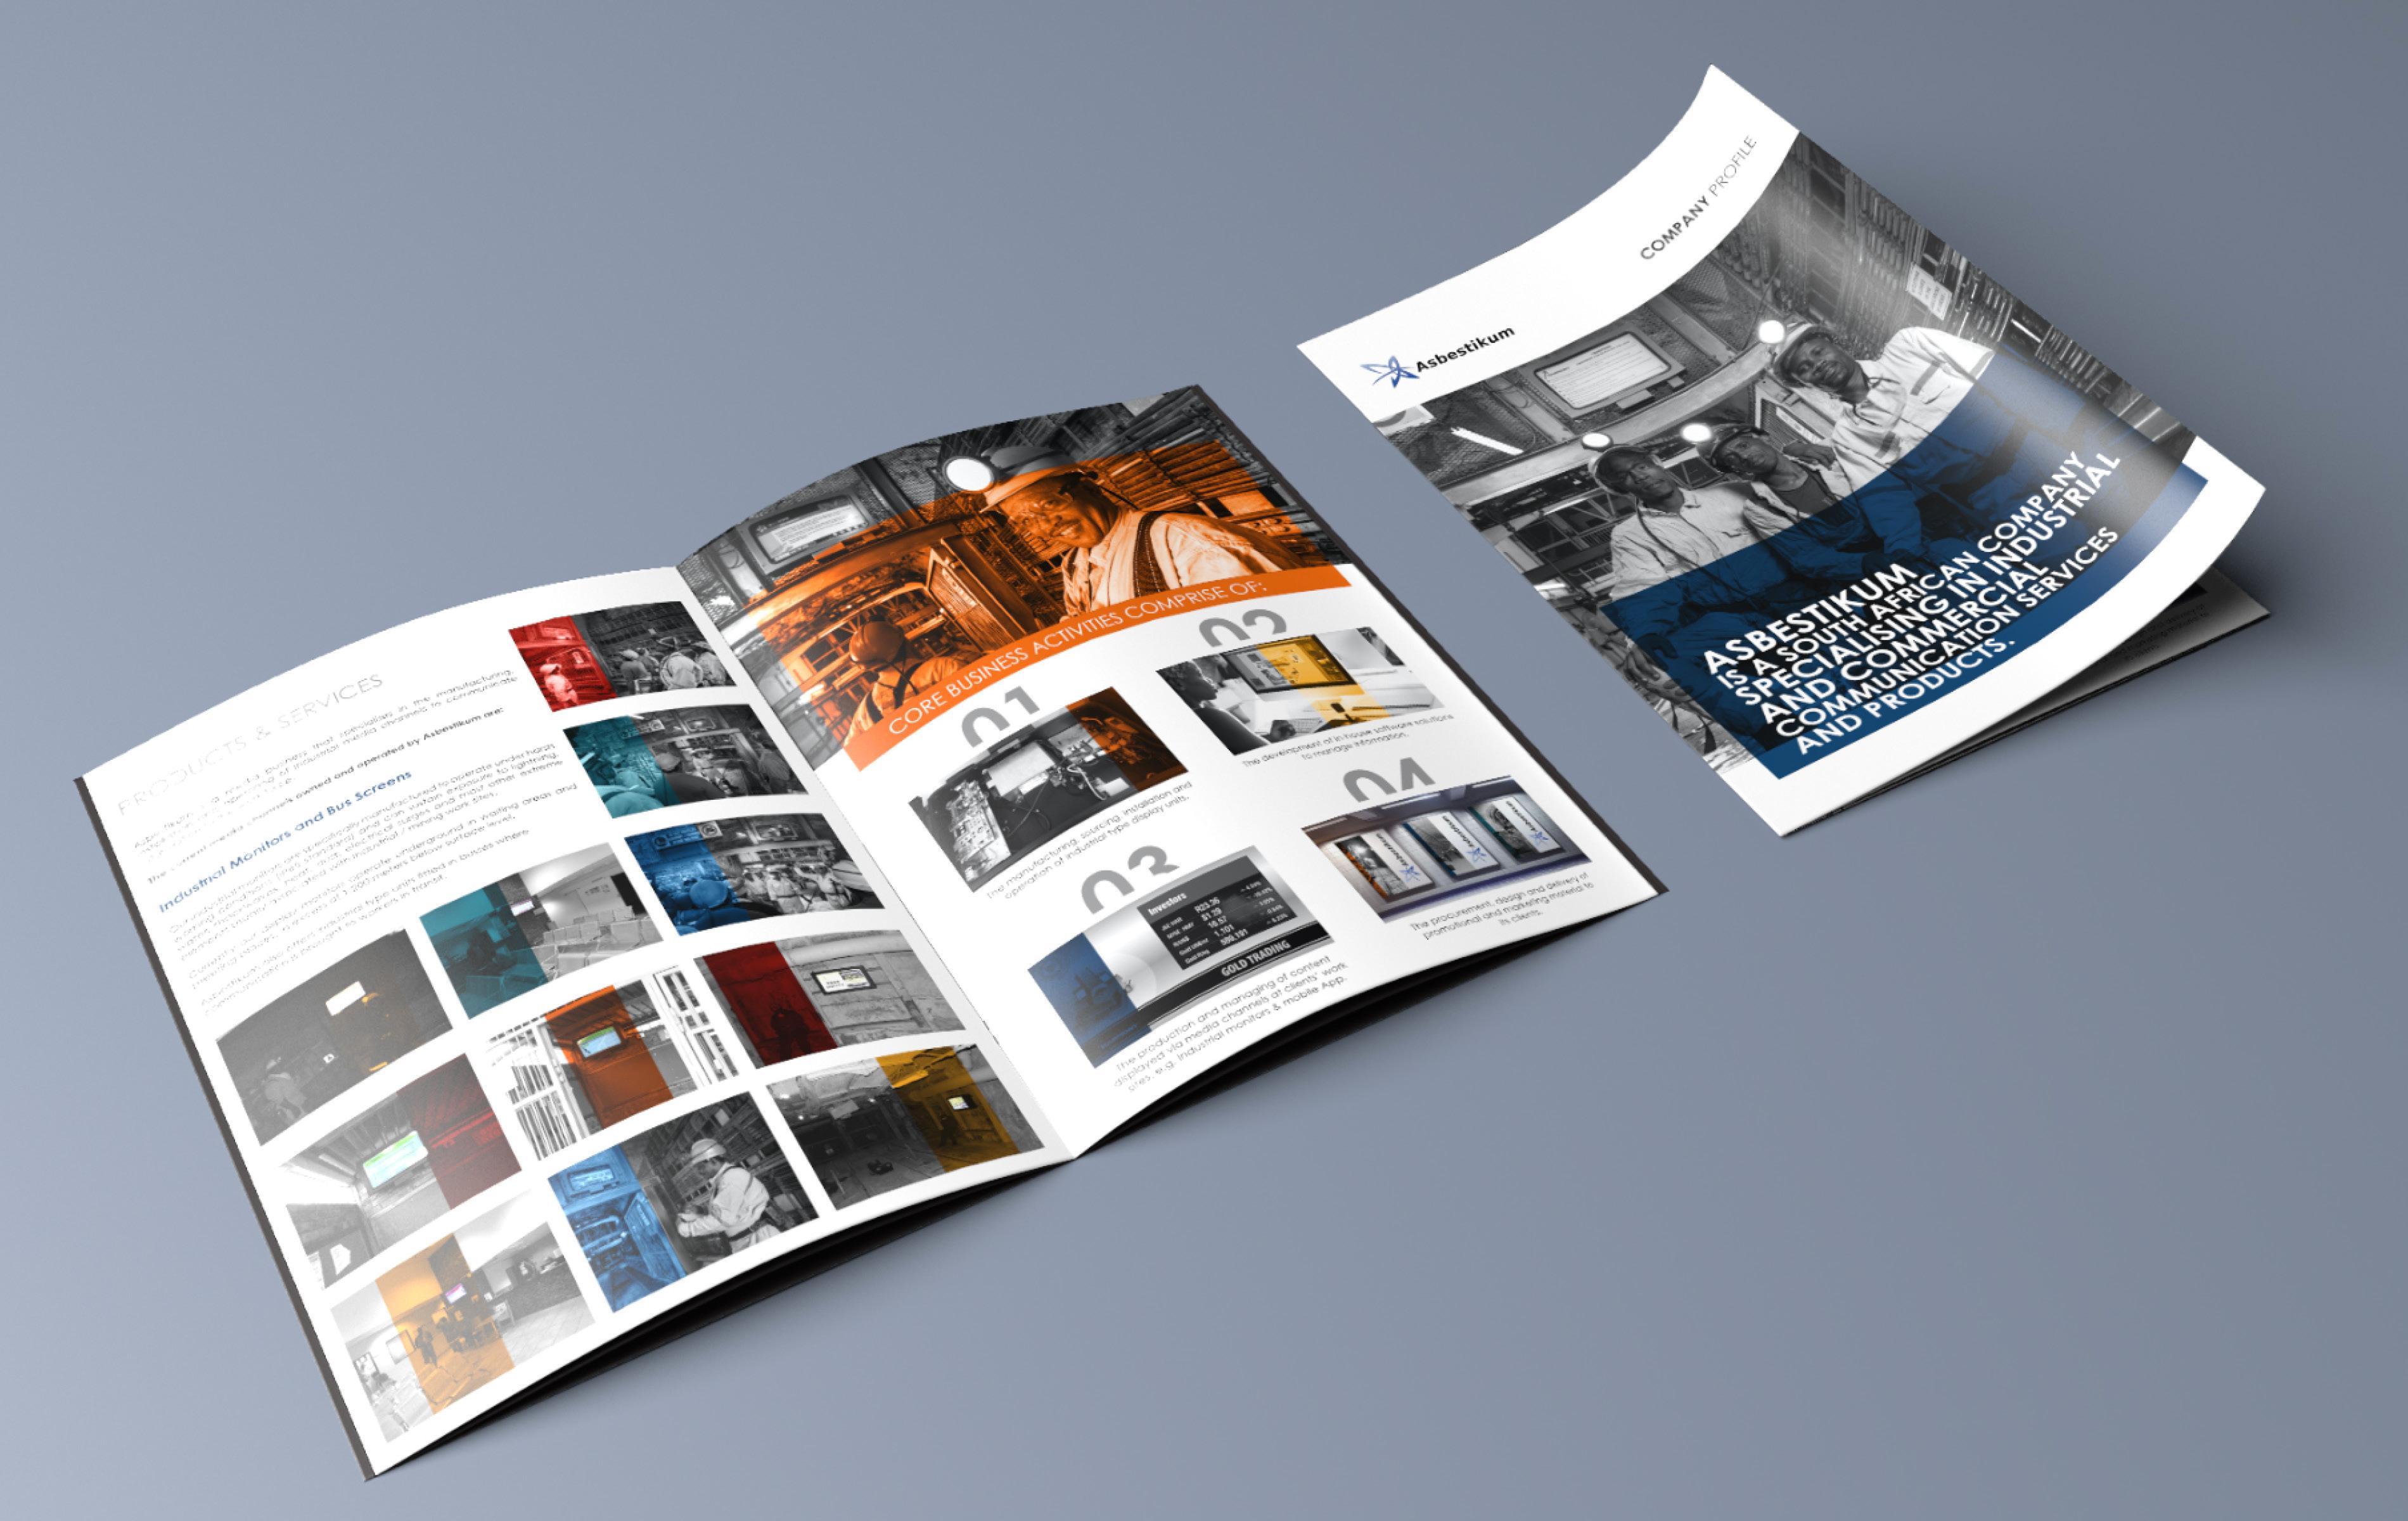 Asbestikum – graphic design